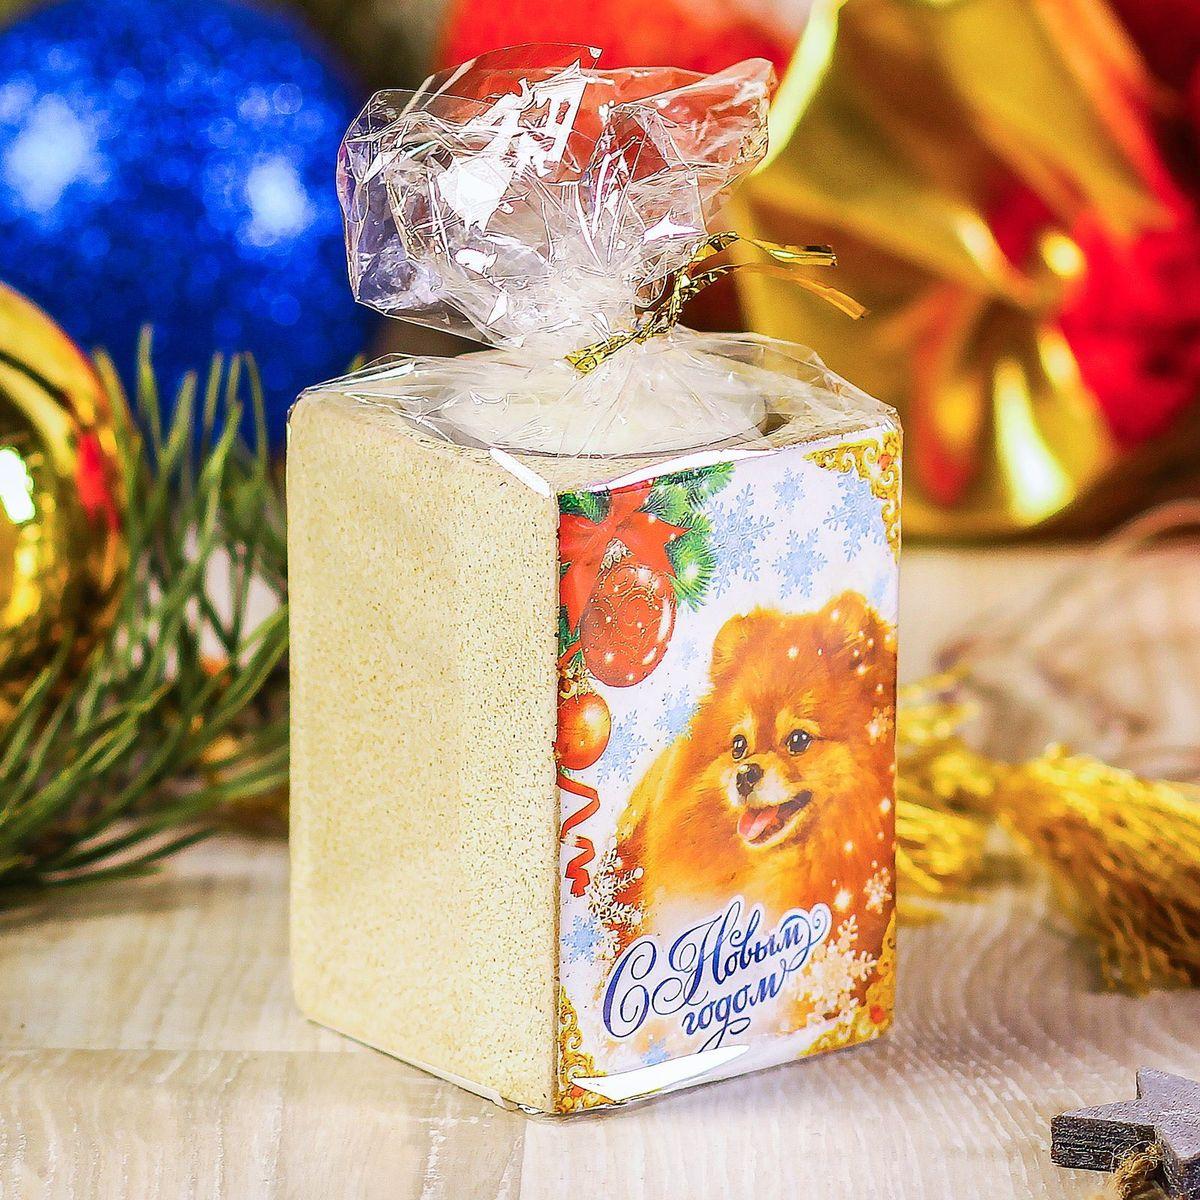 Подсвечник Sima-land С Новым годом, 5,5 х 7,5 см2248046Создать романтичную атмосферу в самую волшебную ночь года поможет Подсвечник со свечой С Новым Годом. Мерцающий свет от одного или нескольких изделий наполнит комнату теплом и принесёт новогоднее настроение.Сувенир станет приятным сюрпризом или отличным дополнением к основному подарку.Внимание! Расставляйте зажжённые свечи аккуратно, вдали от легковоспламеняющихся предметов.